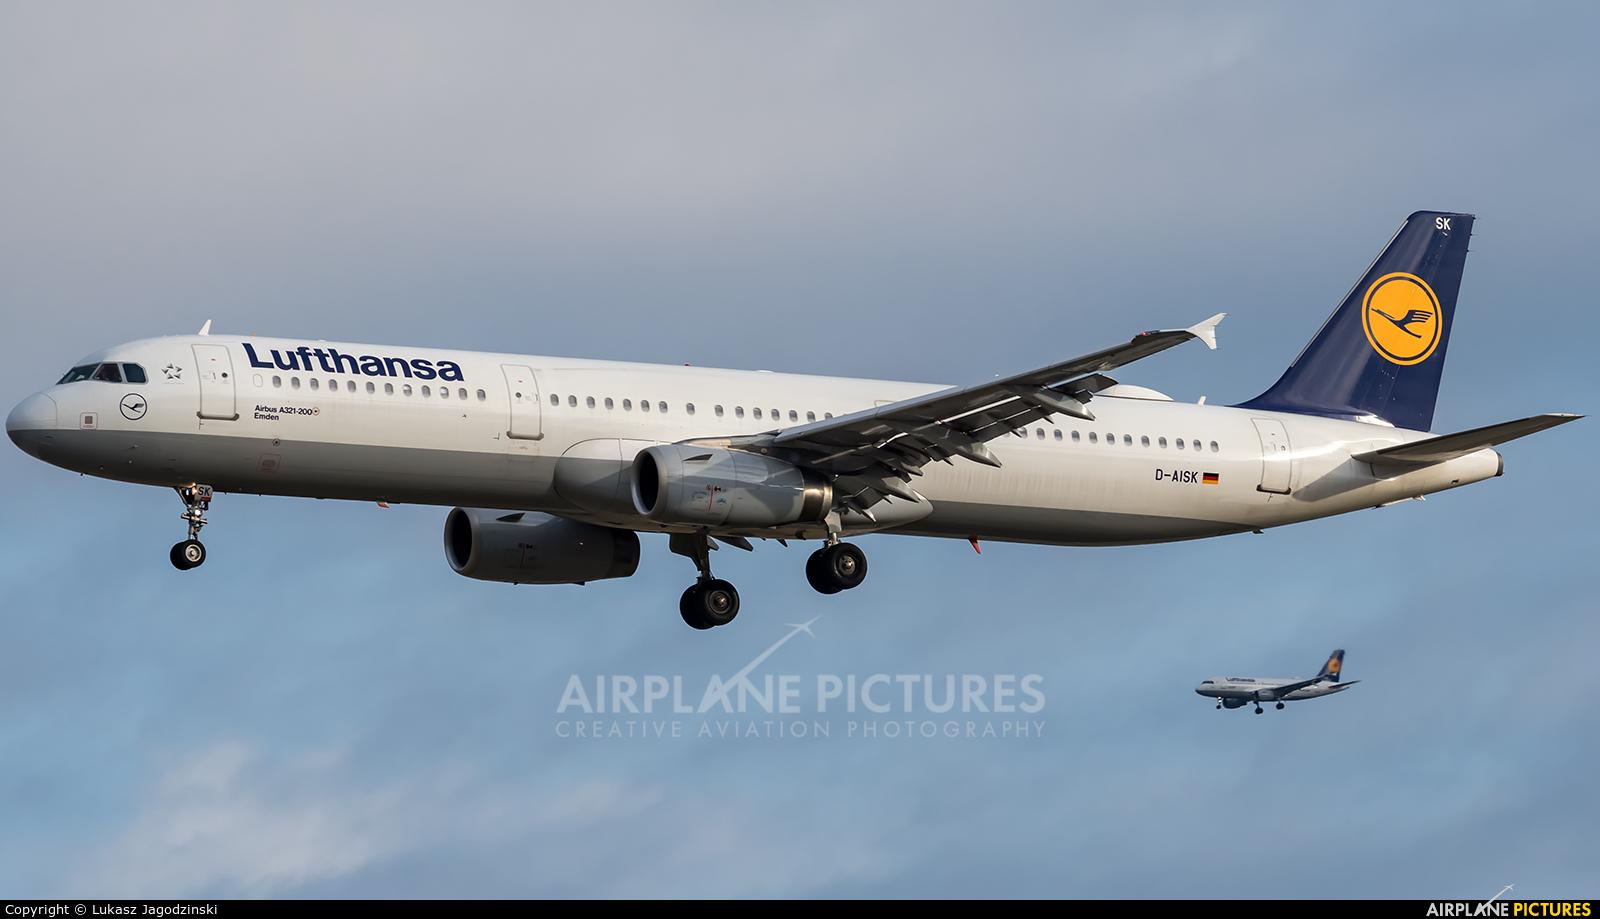 Lufthansa D-AISK aircraft at Frankfurt